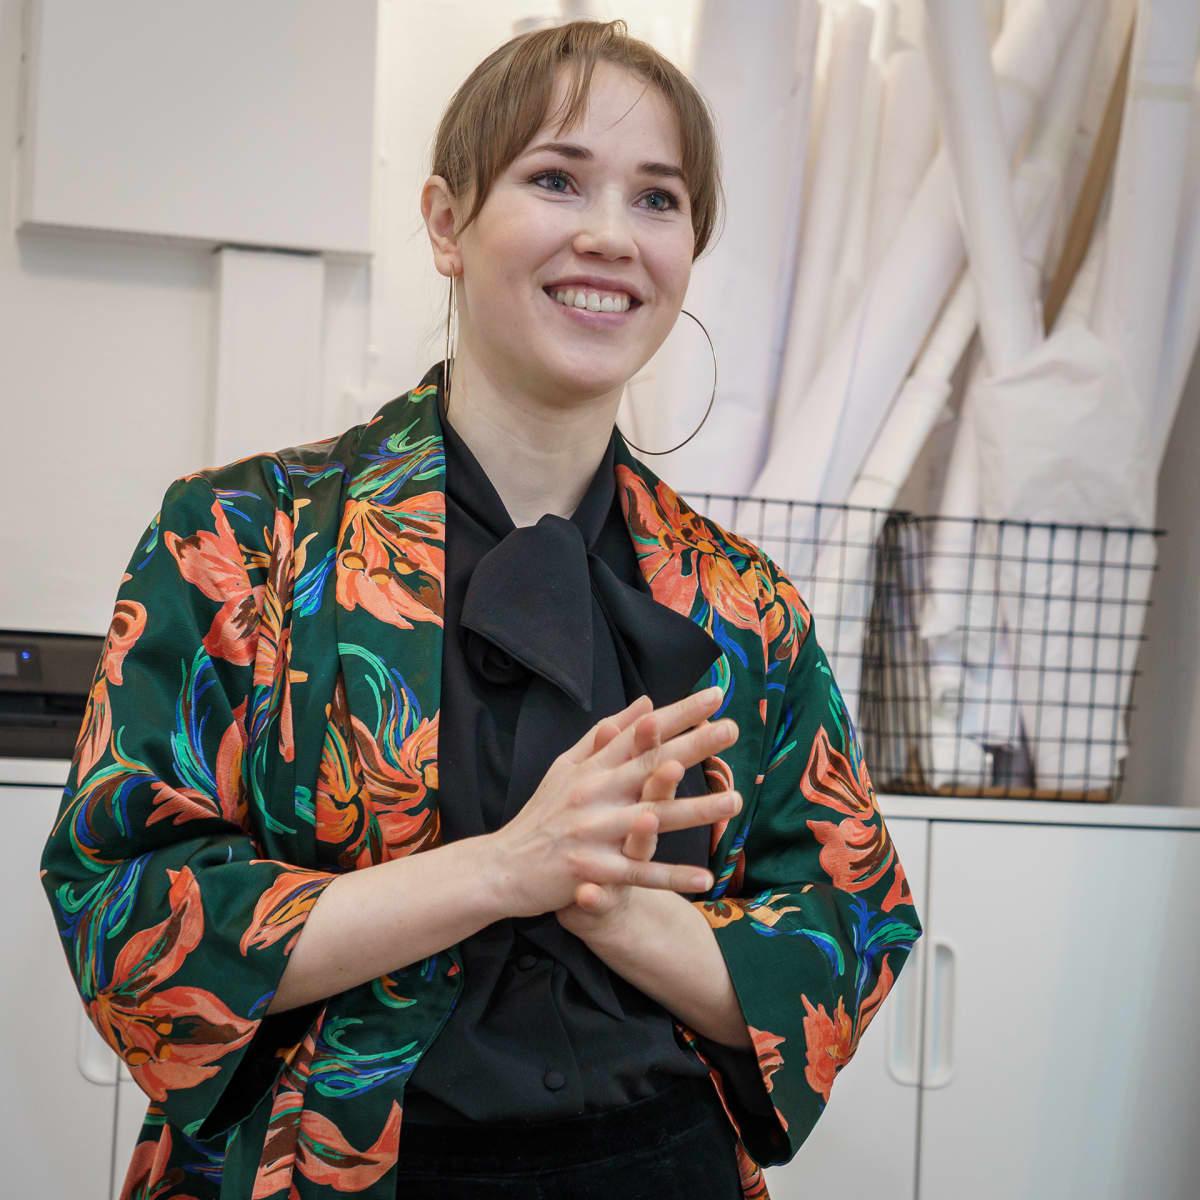 Hääpukusuunnittelija Lara Hyvi henkilökuvassa.